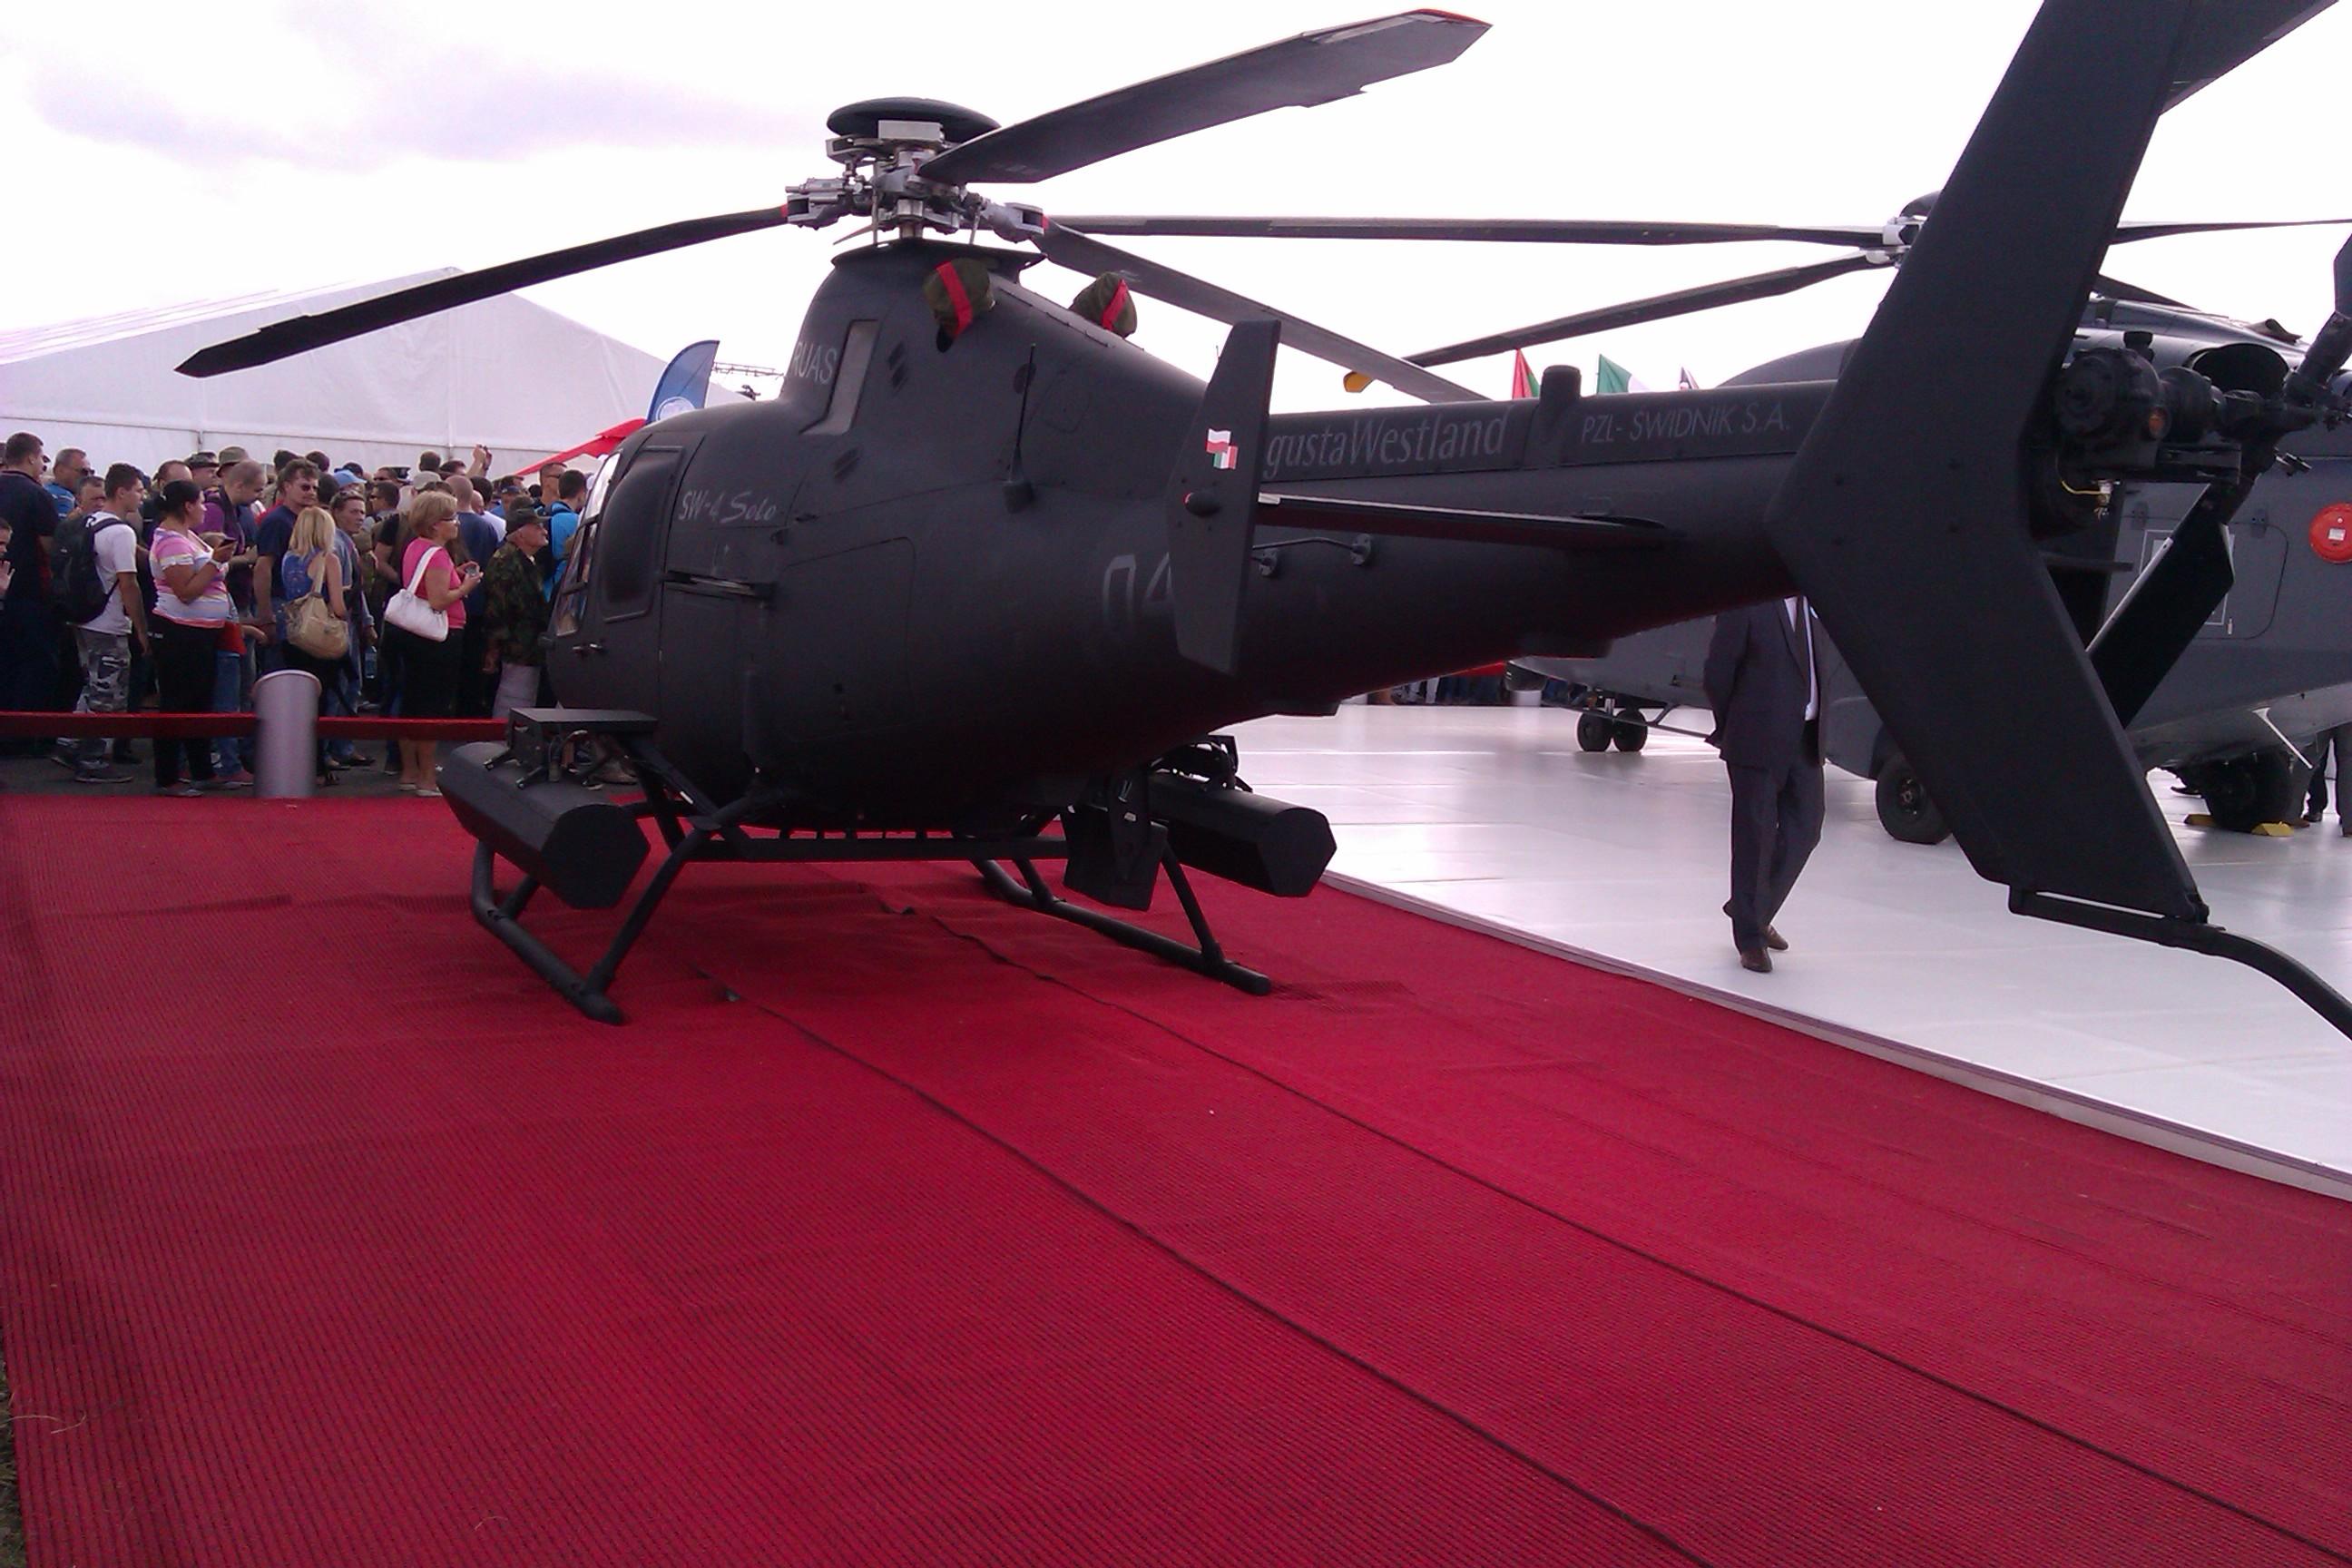 Helikopter na czerwonym dywanie